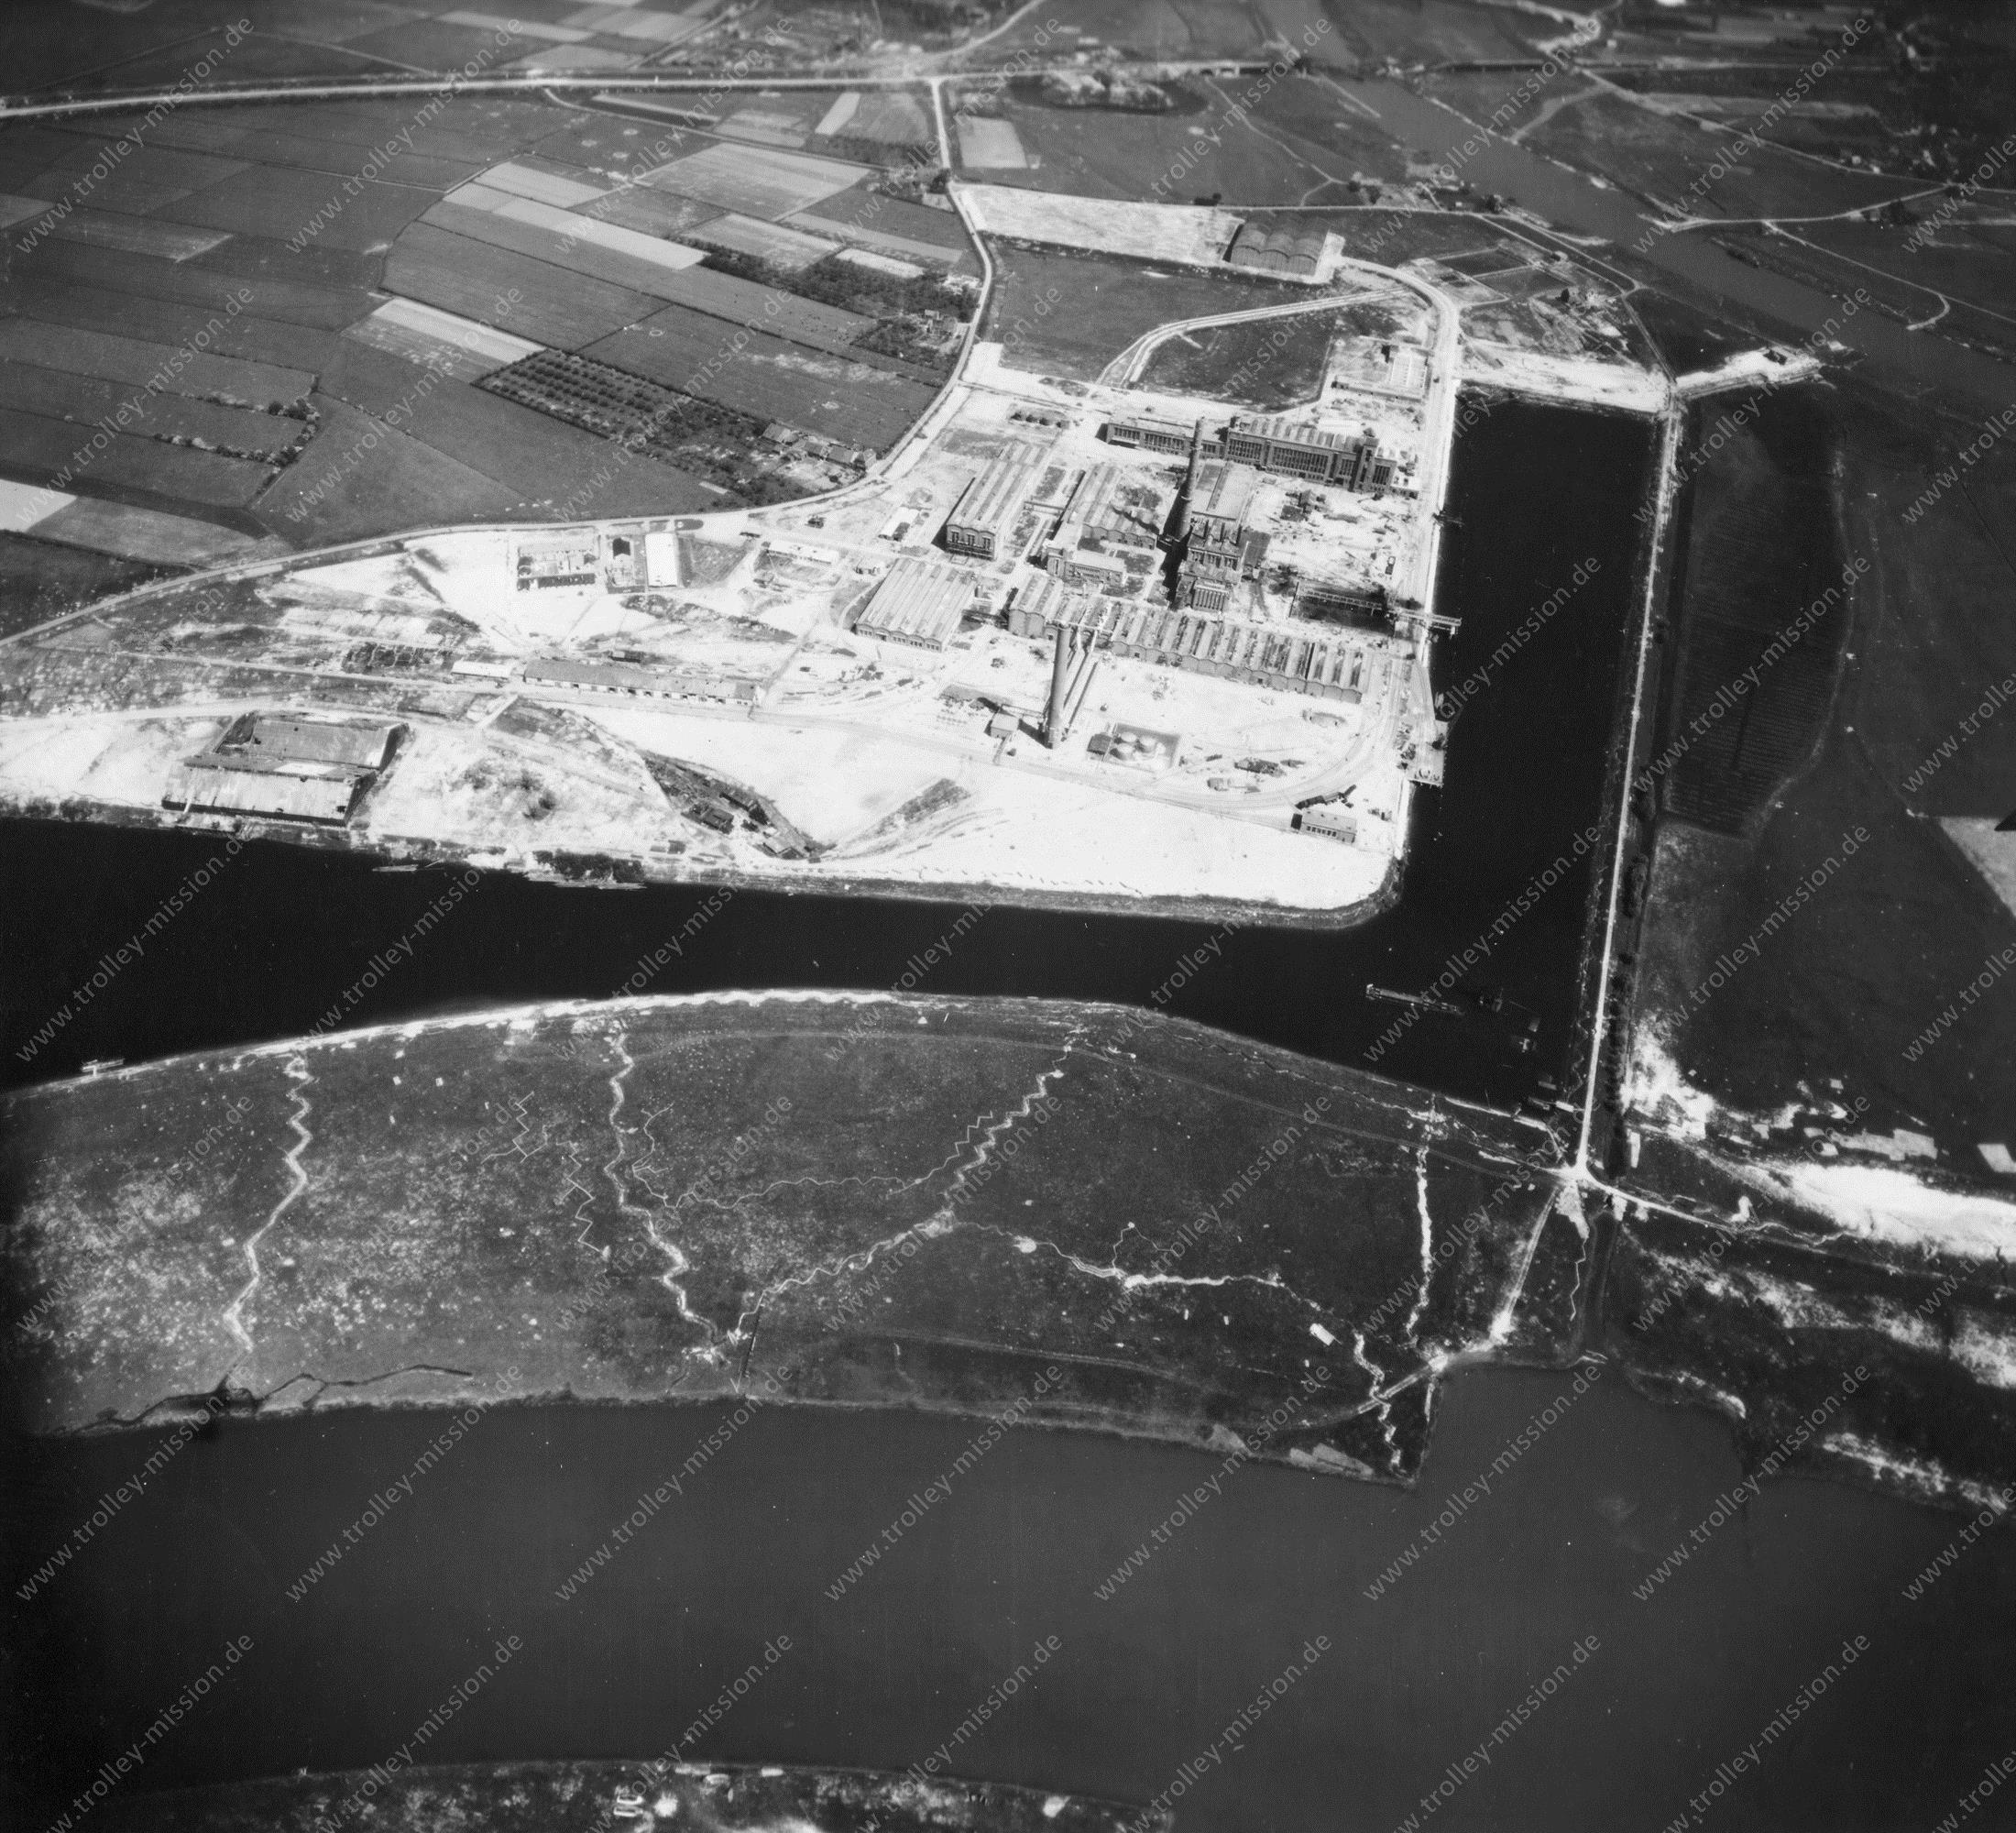 Arnhem Nieuwe Haven (Luchtfoto 2/5) - Kleefse Waard - Foto uit de Tweede Wereldoorlog